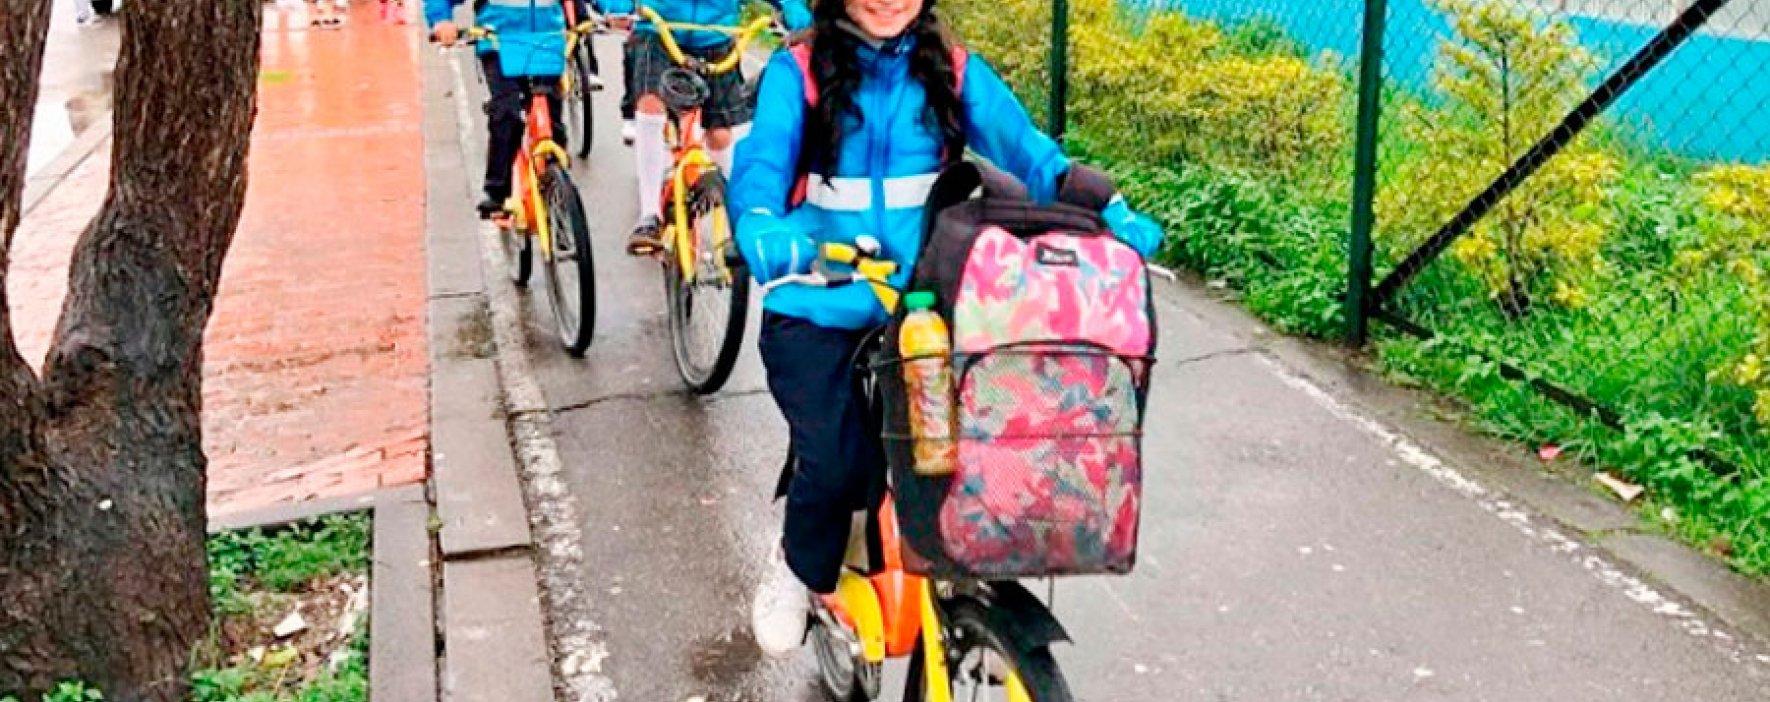 Más de 1000 estudiantes de Bogotá van en bici a la Feria del Libro